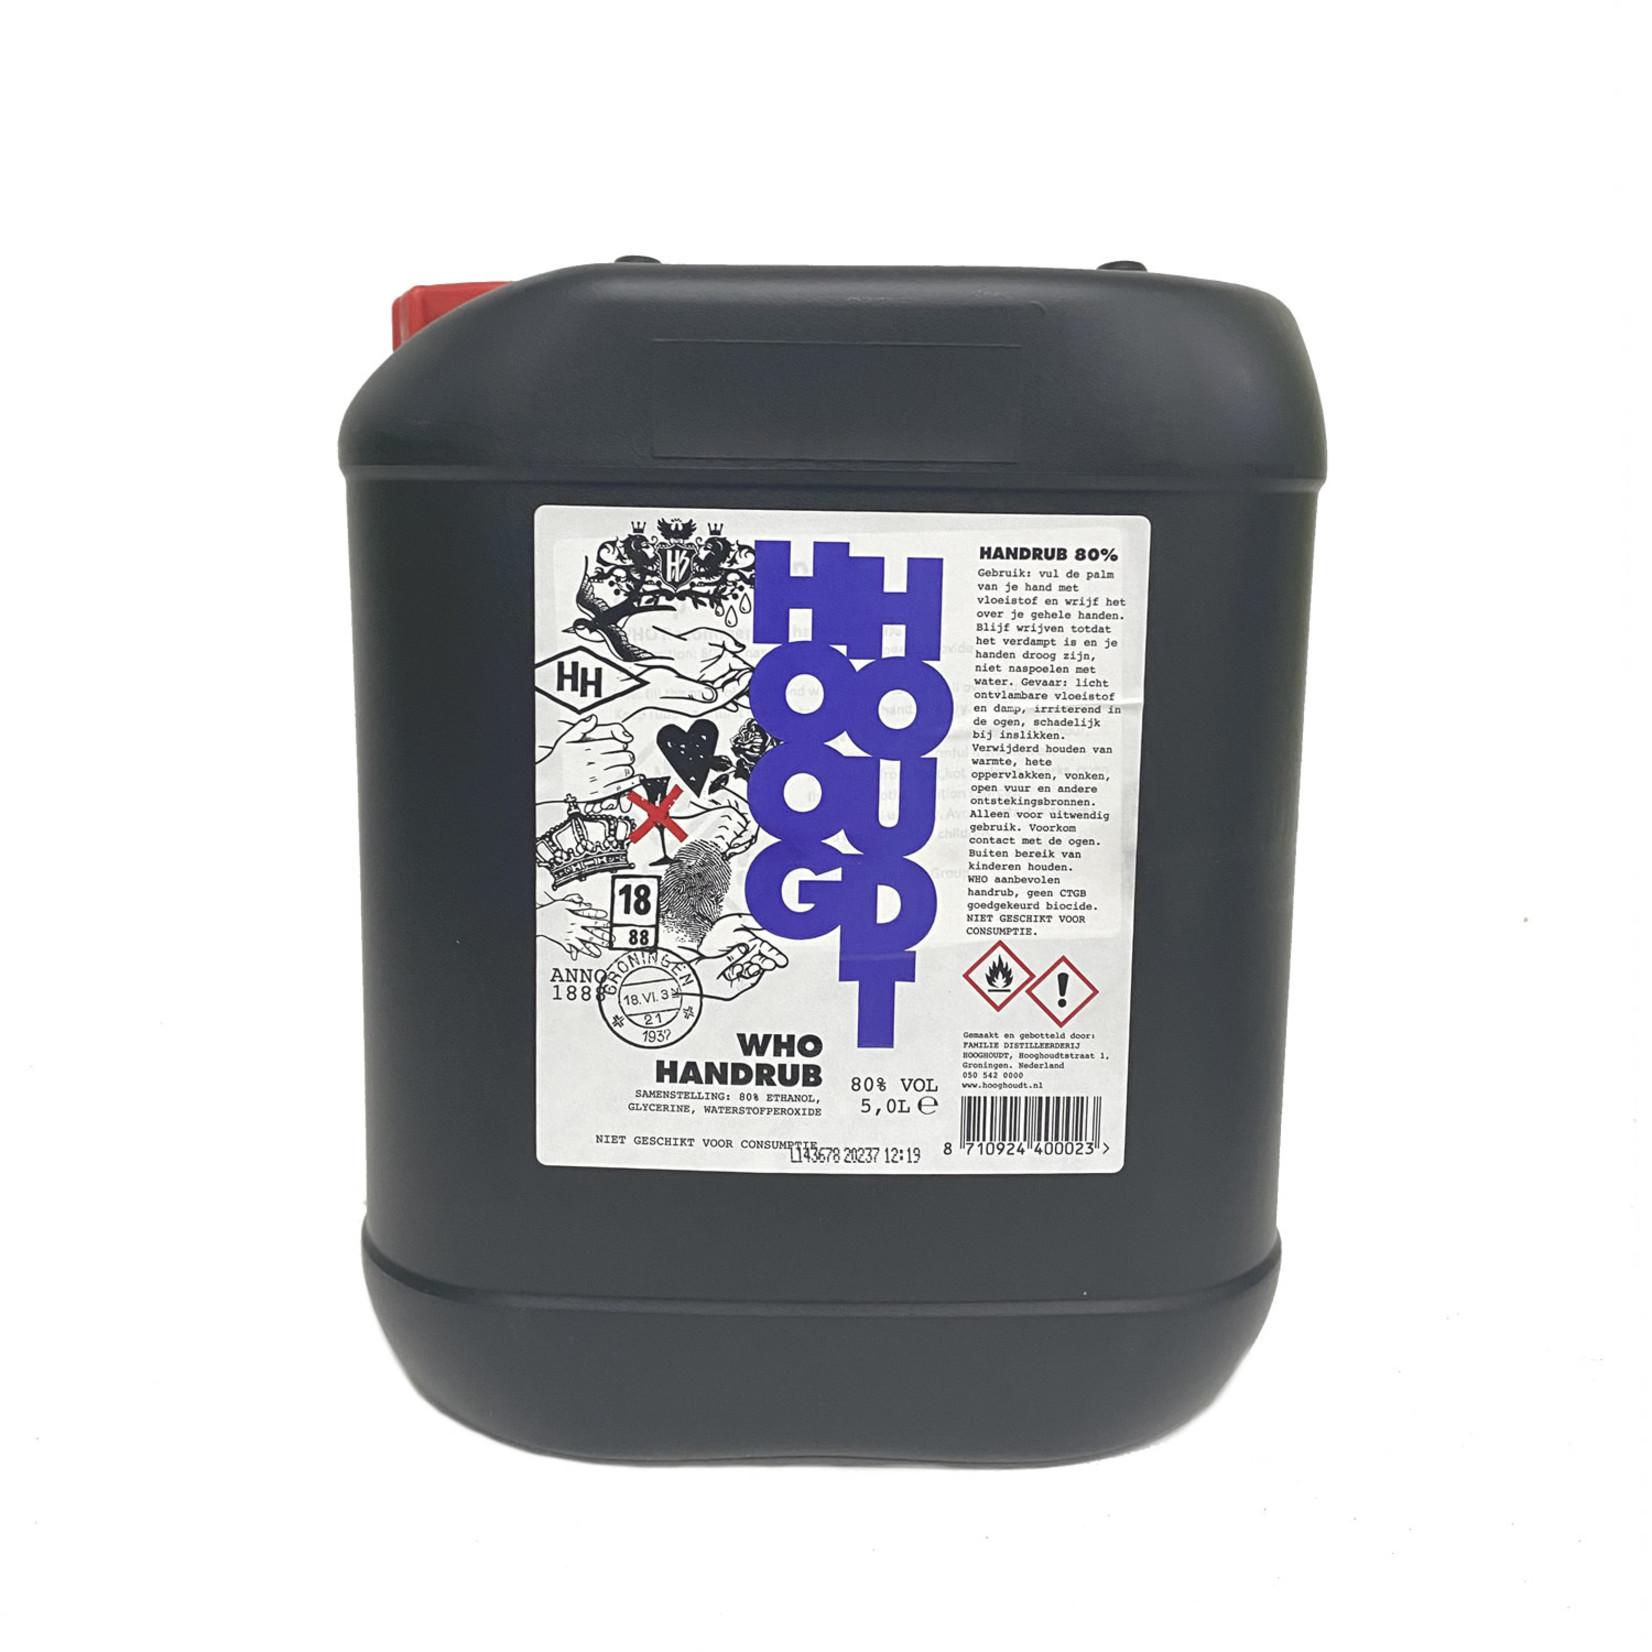 Hooghoudt Handrub desinfectiemiddel voor handen 5 liter